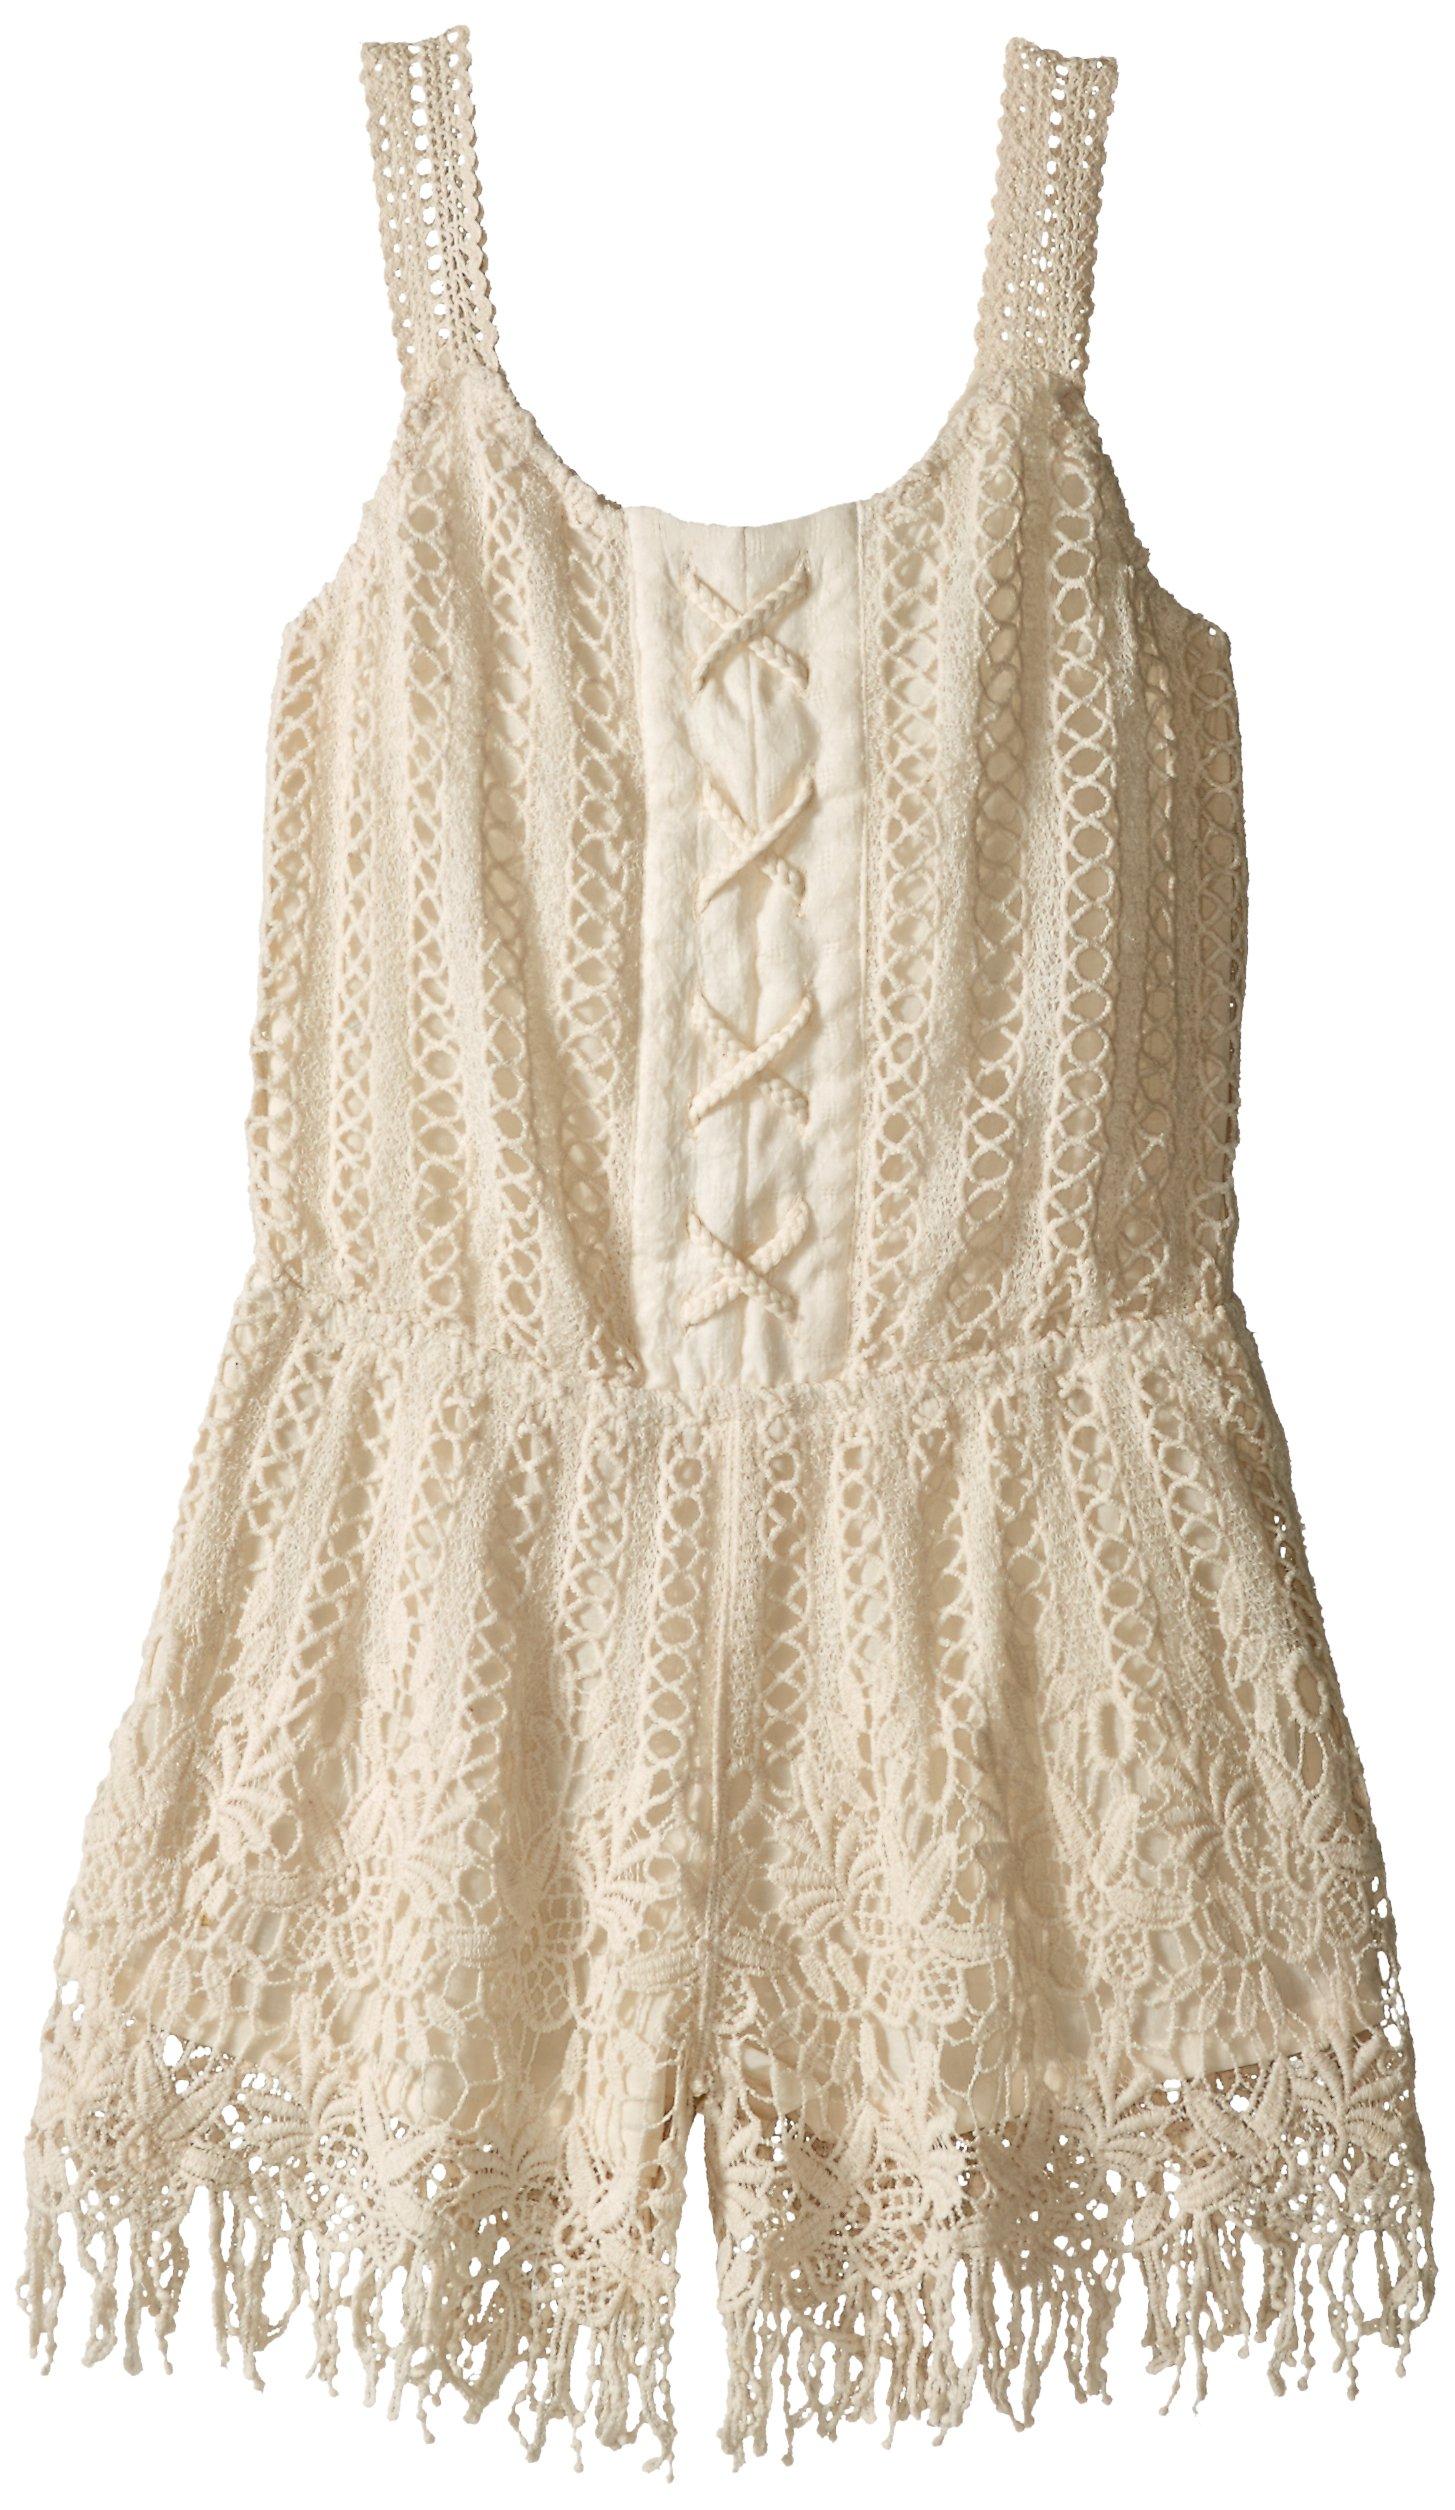 Miss Me Little Girls Sleeveless Crochet Romper, Natural, Large